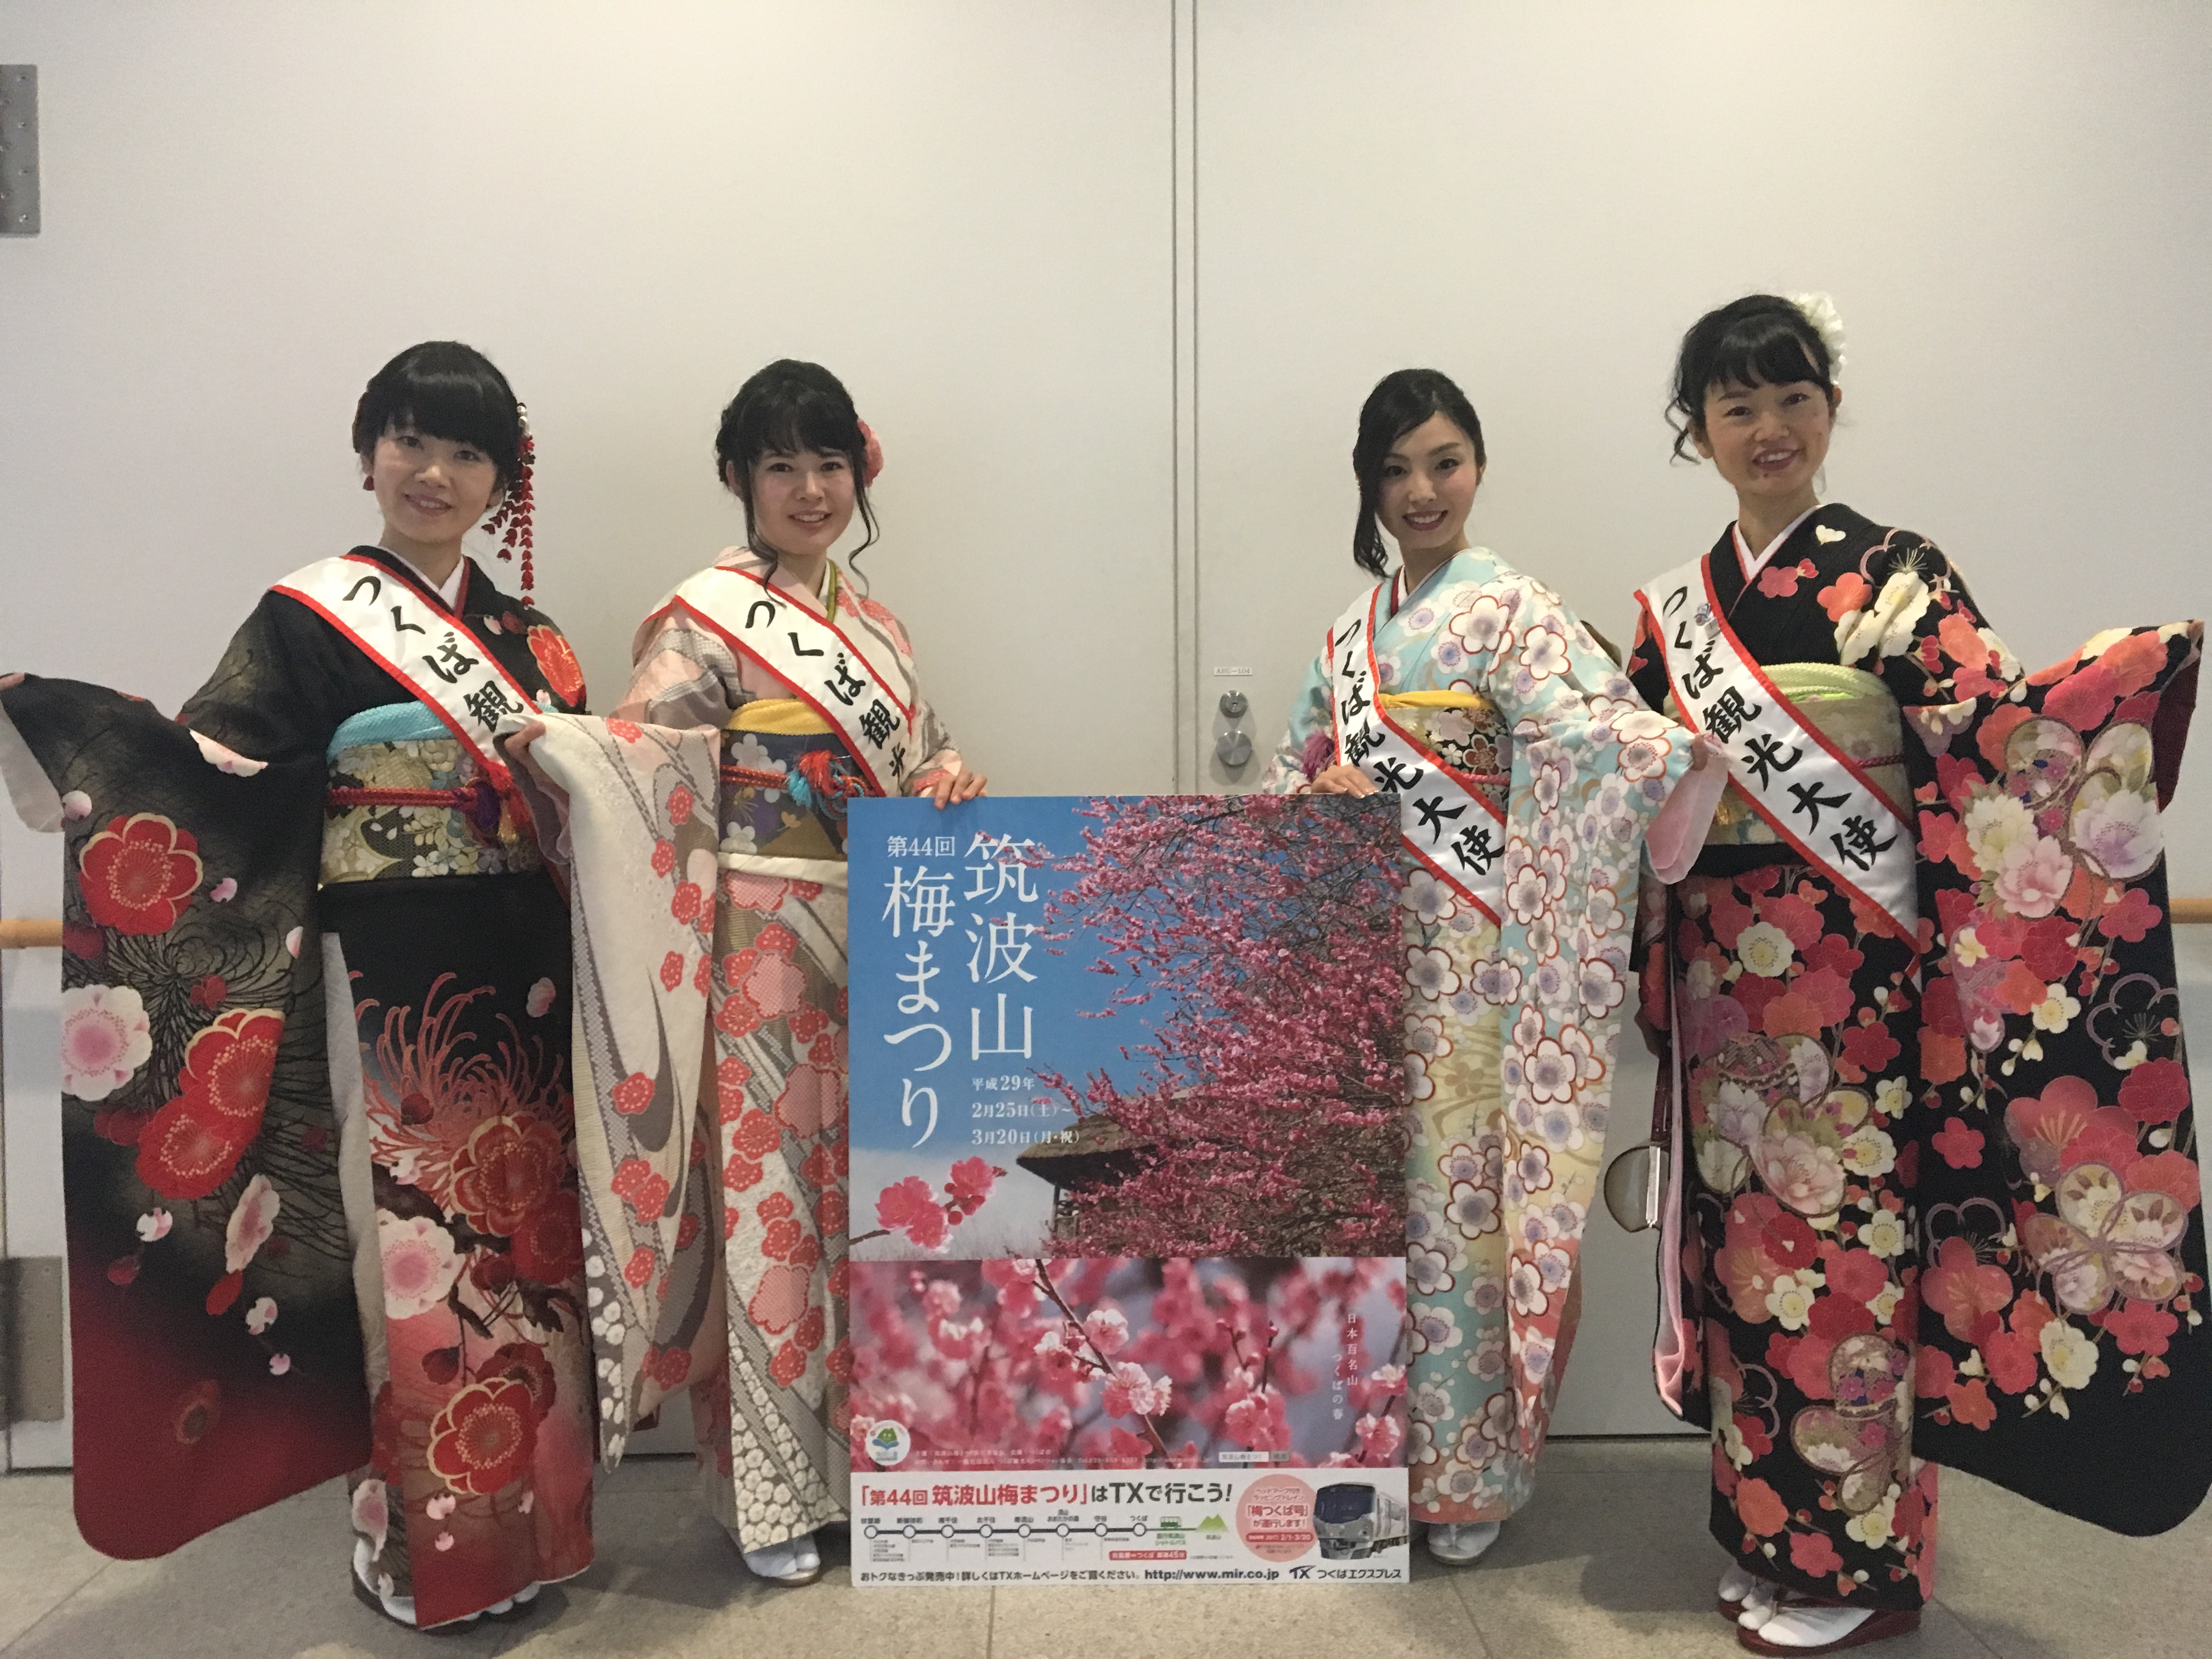 つくば観光大使のお出迎え @ 筑波山梅林 | つくば市 | 茨城県 | 日本